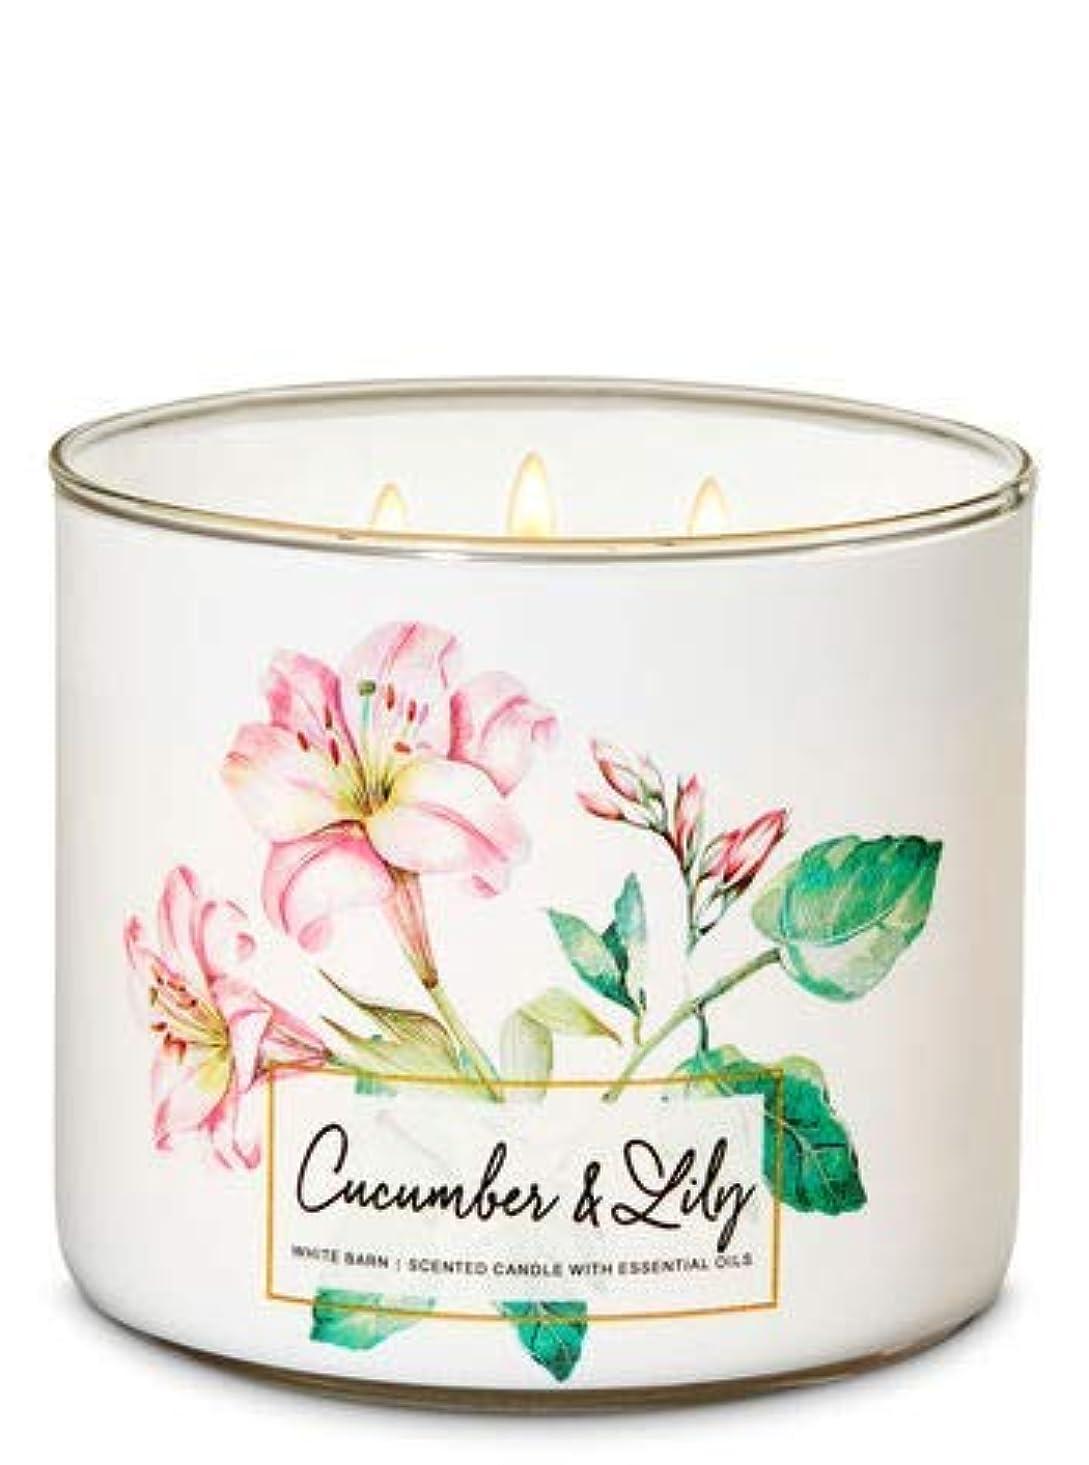 曲学校姿勢【Bath&Body Works/バス&ボディワークス】 アロマキャンドル キューカンバー&リリー 3-Wick Scented Candle Cucumber & Lily 14.5oz/411g [並行輸入品]